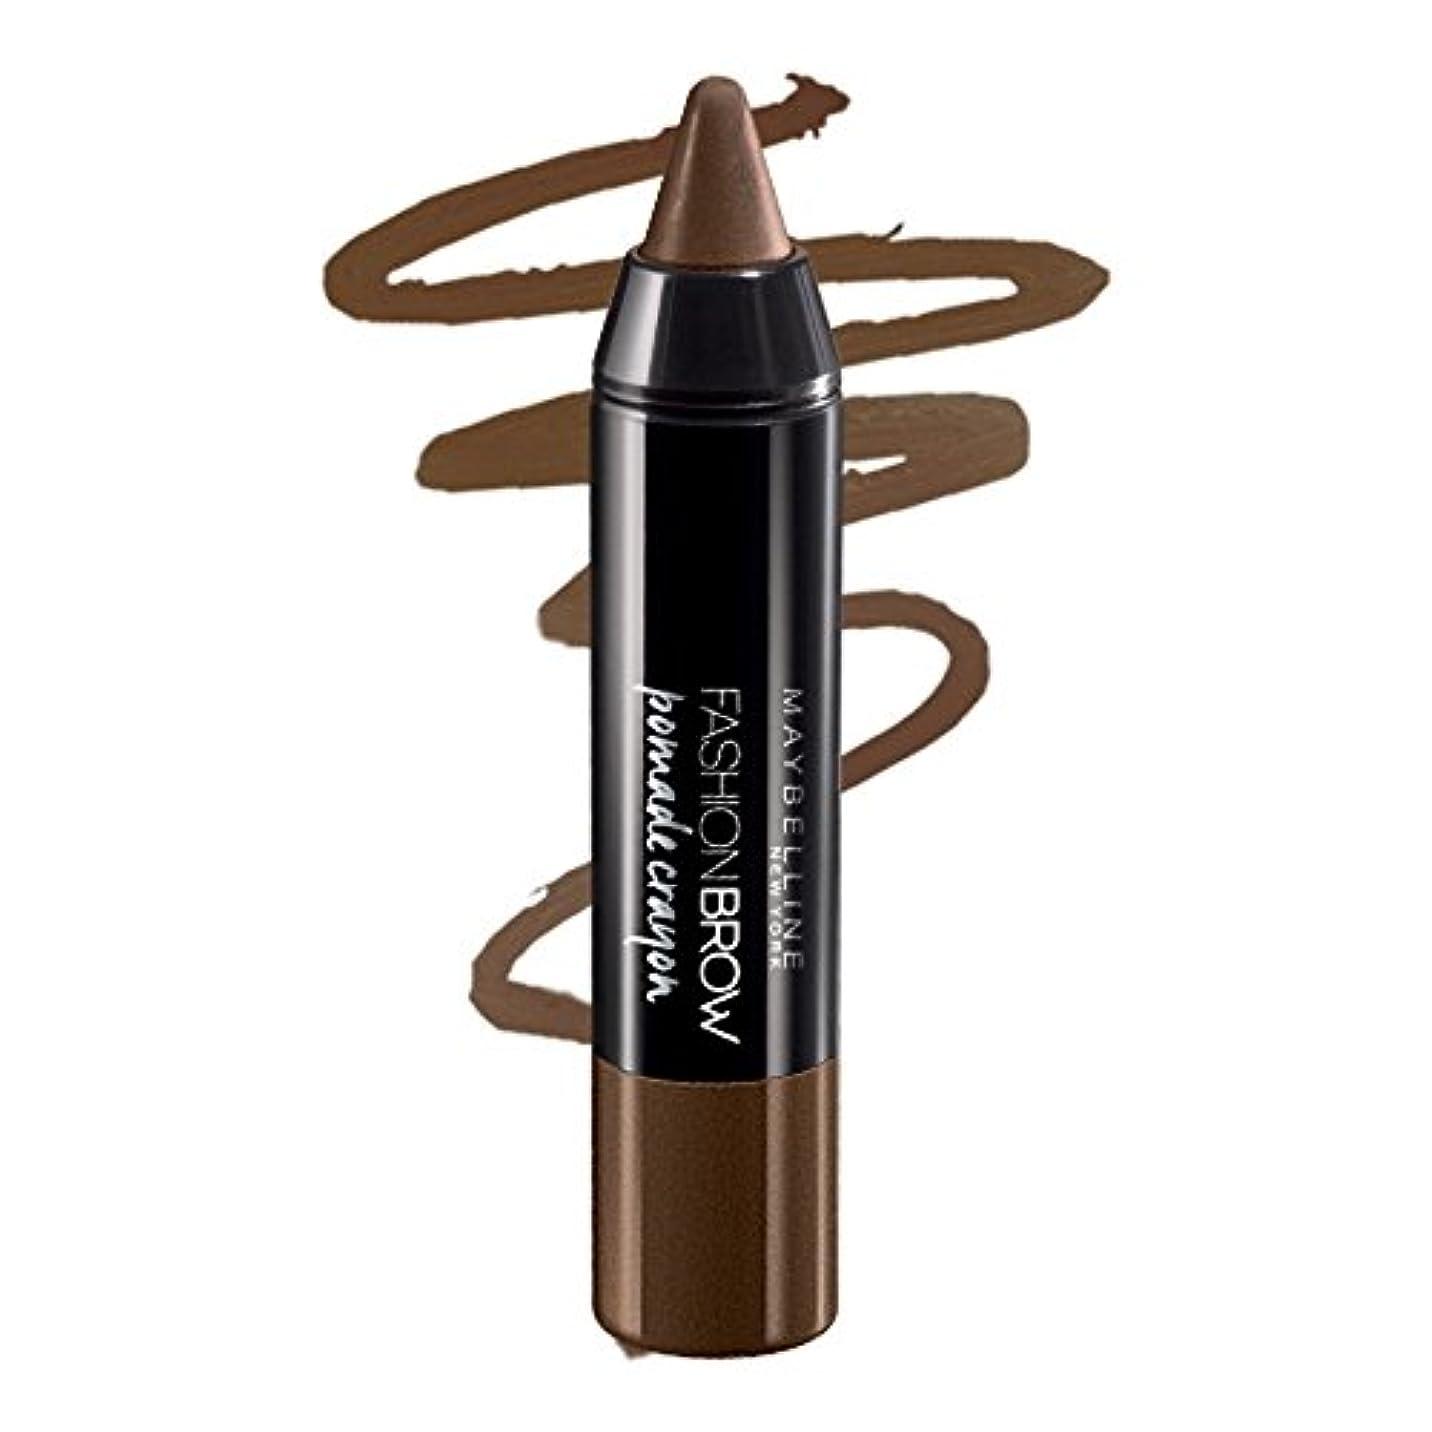 メイベリン ファッションブロウ ポマードクレヨン BR-2 モカ(自然な茶色) アイブロウクレヨン